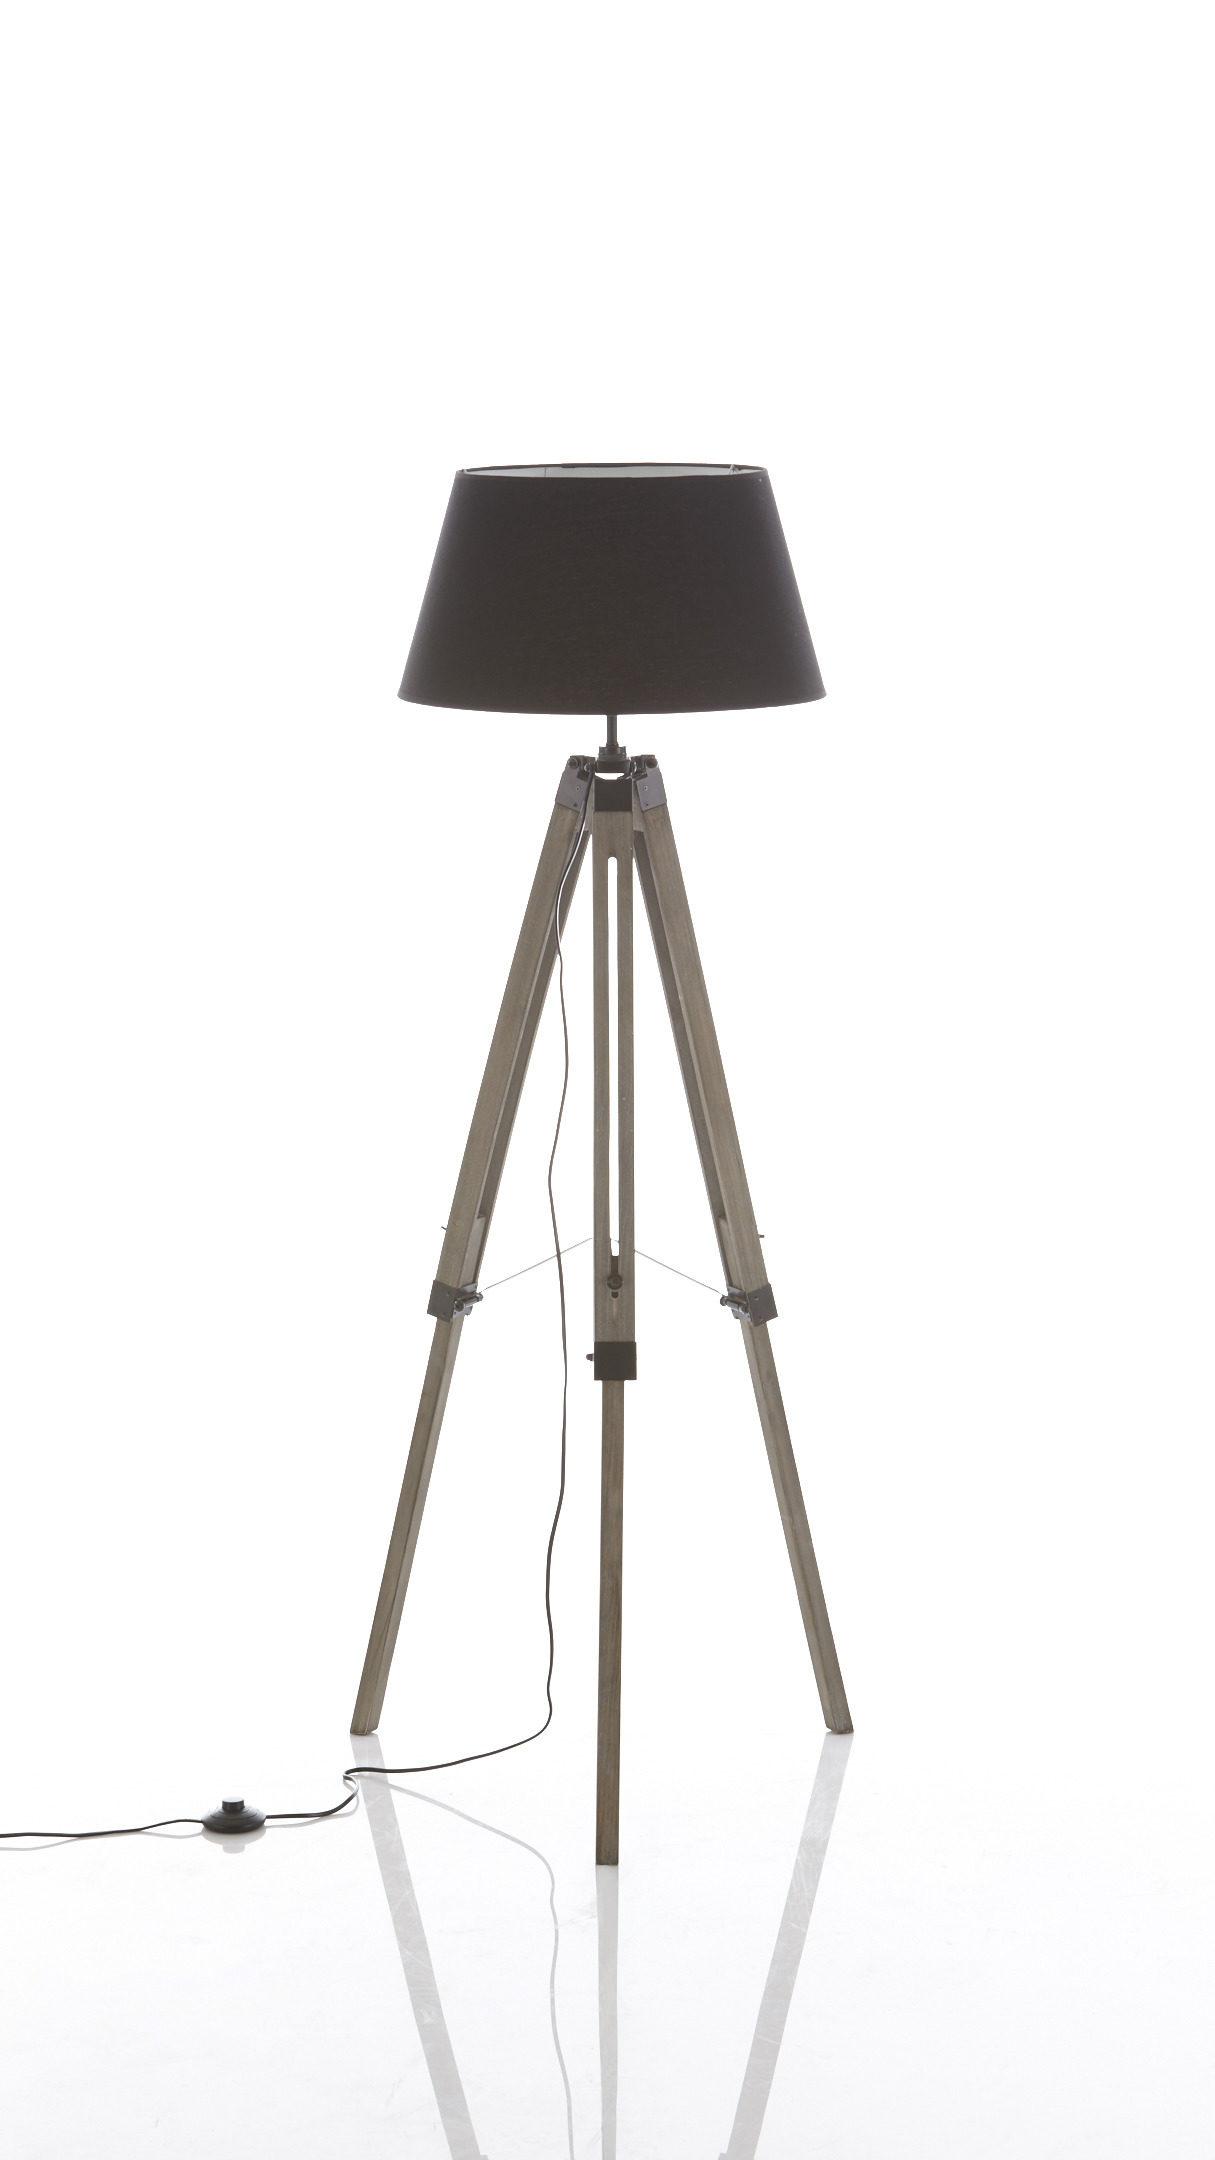 Raeume-Wohnzimmer-Lampen-und-Leuchten-Stehleuchte-Schram-in-Schwarz-Stativ-Stehleuchte-schwarzer-Stoff-und-Holz-Hoehe-ca-144-cm-guenstiger Stilvolle Lampen In Der Wand Dekorationen